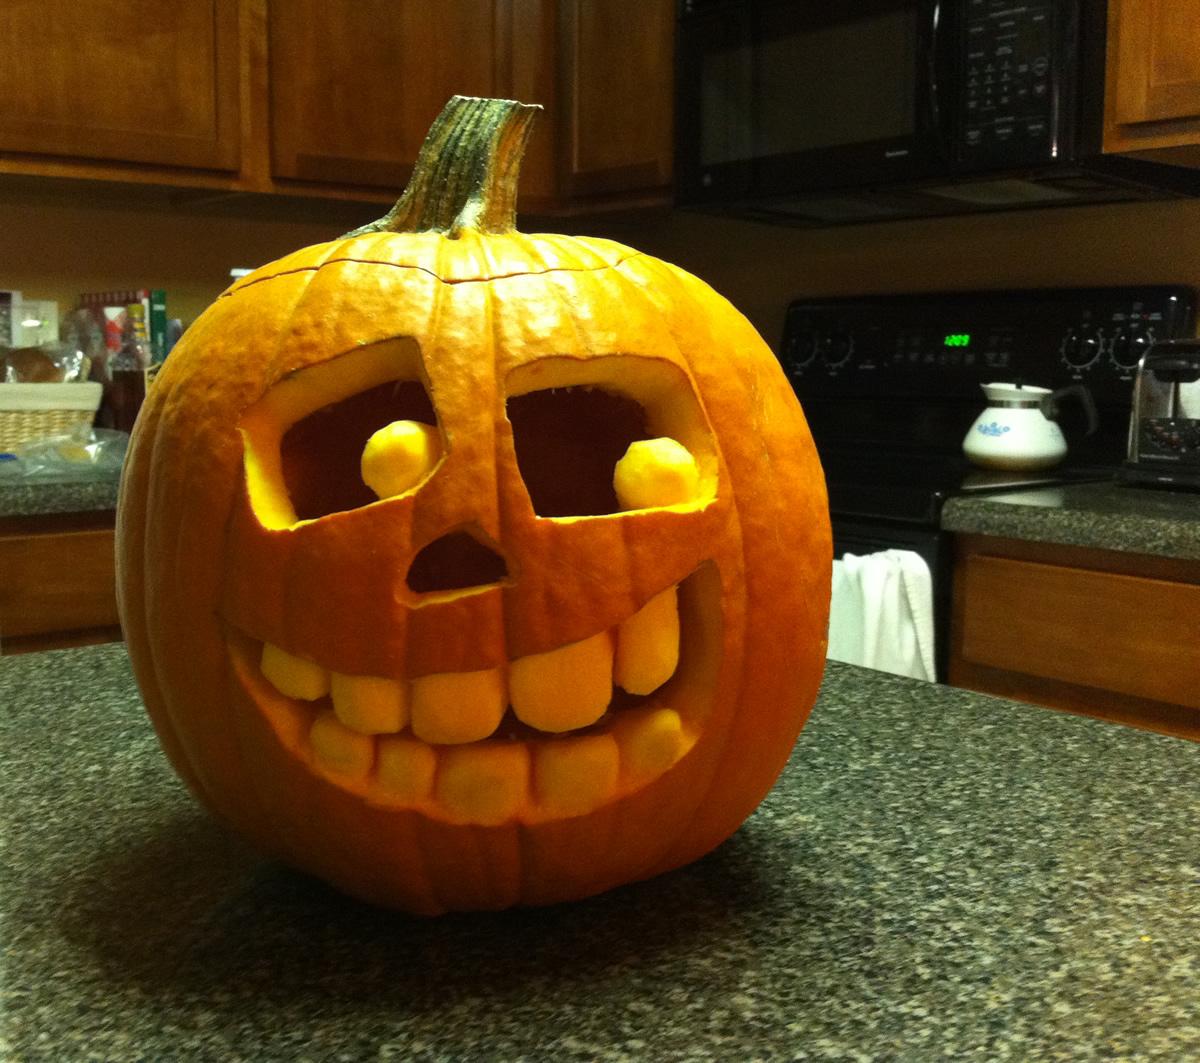 Pumpkin carving kyle gilbert